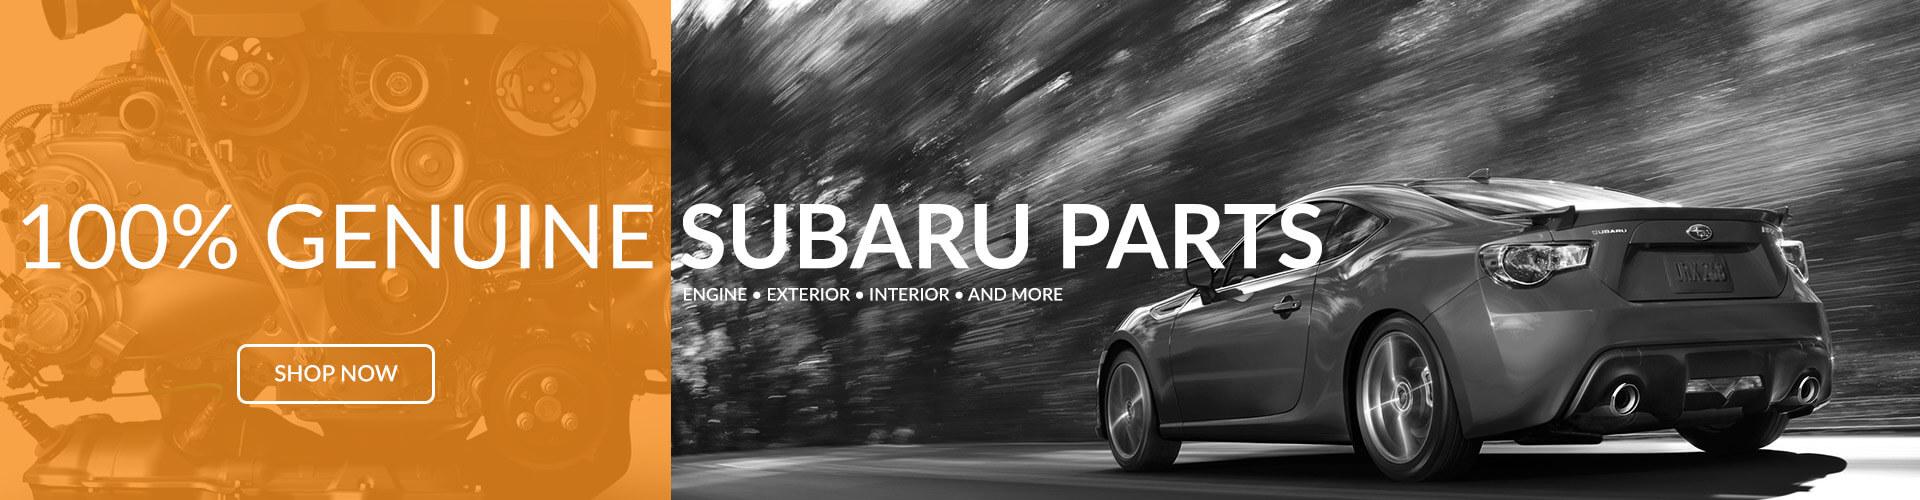 Subaru Parts